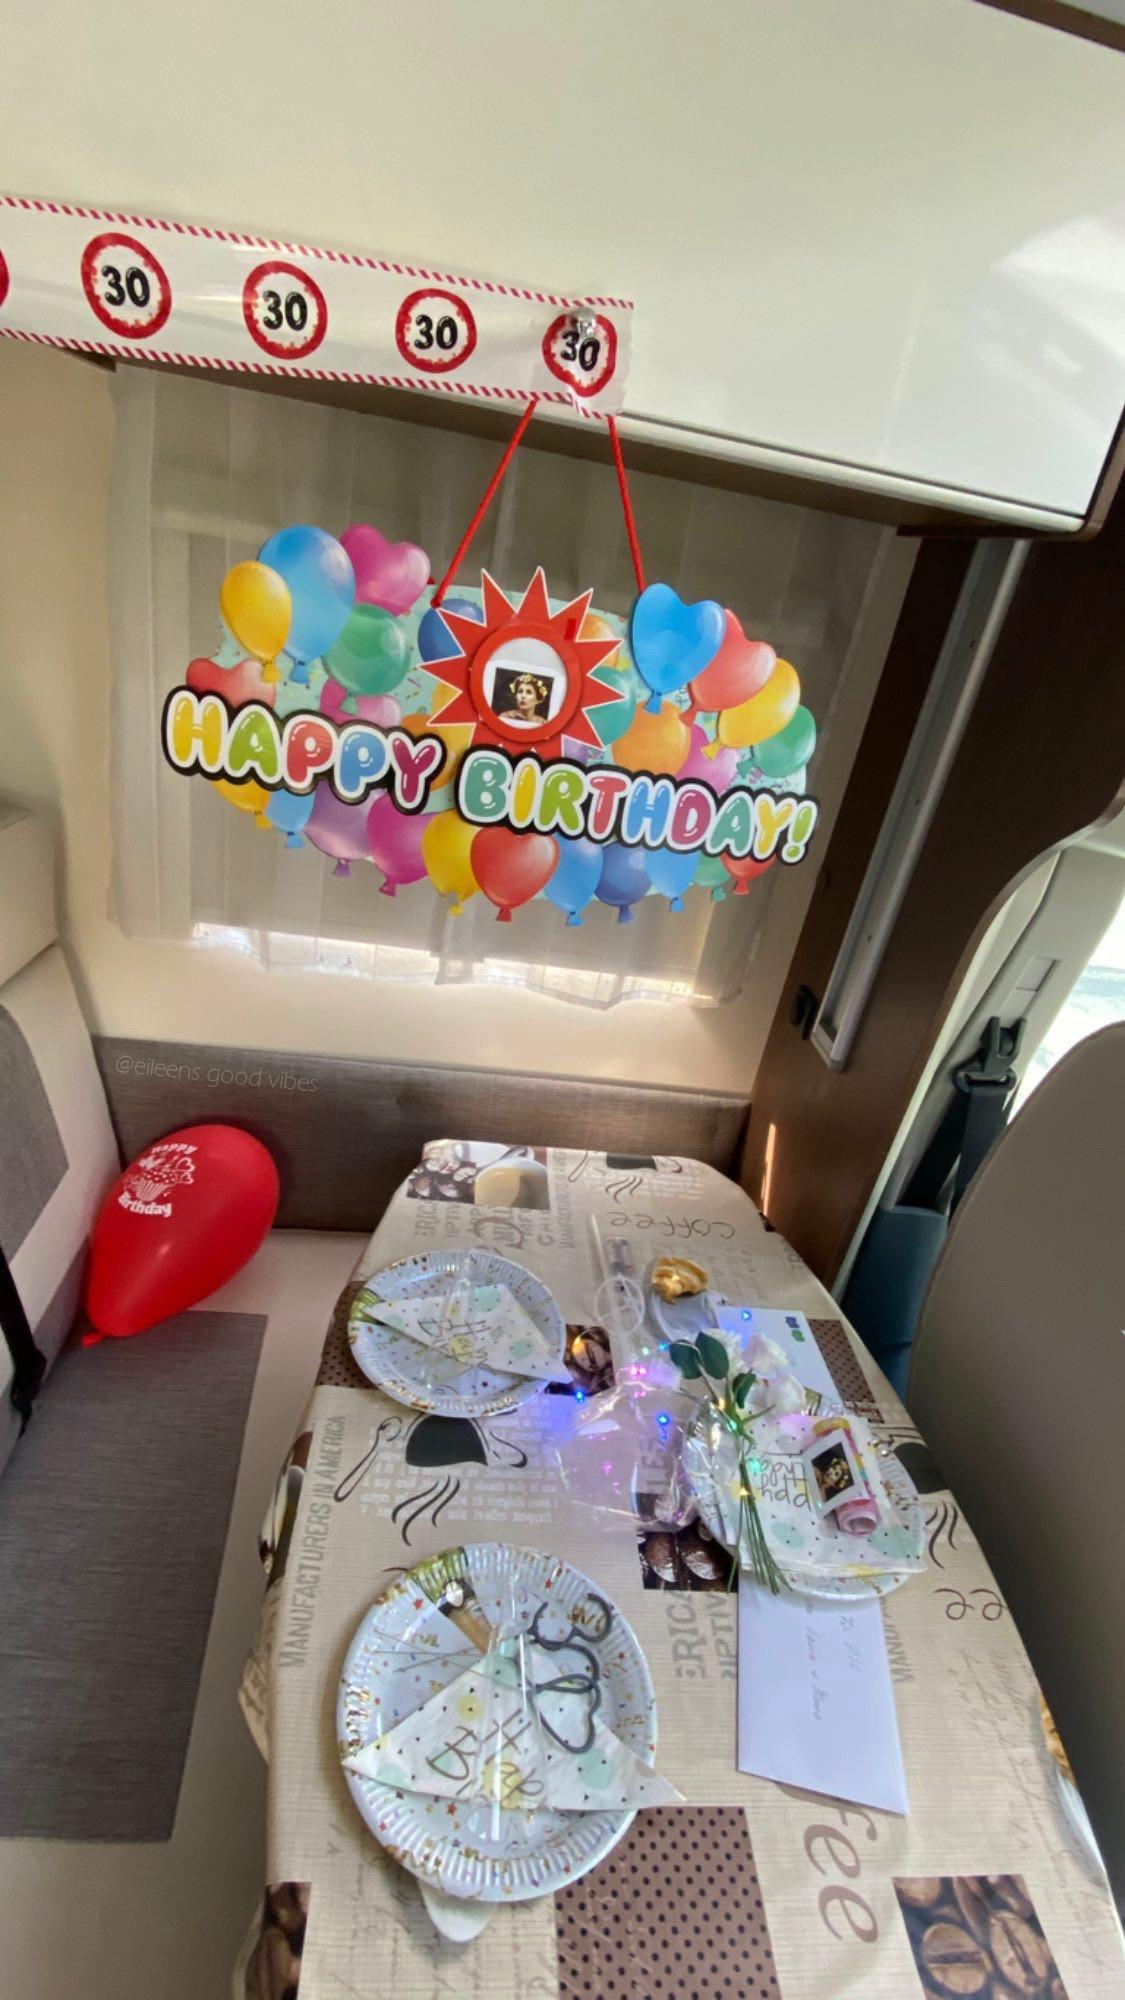 Geburtstagsüberraschung Wohnmobil